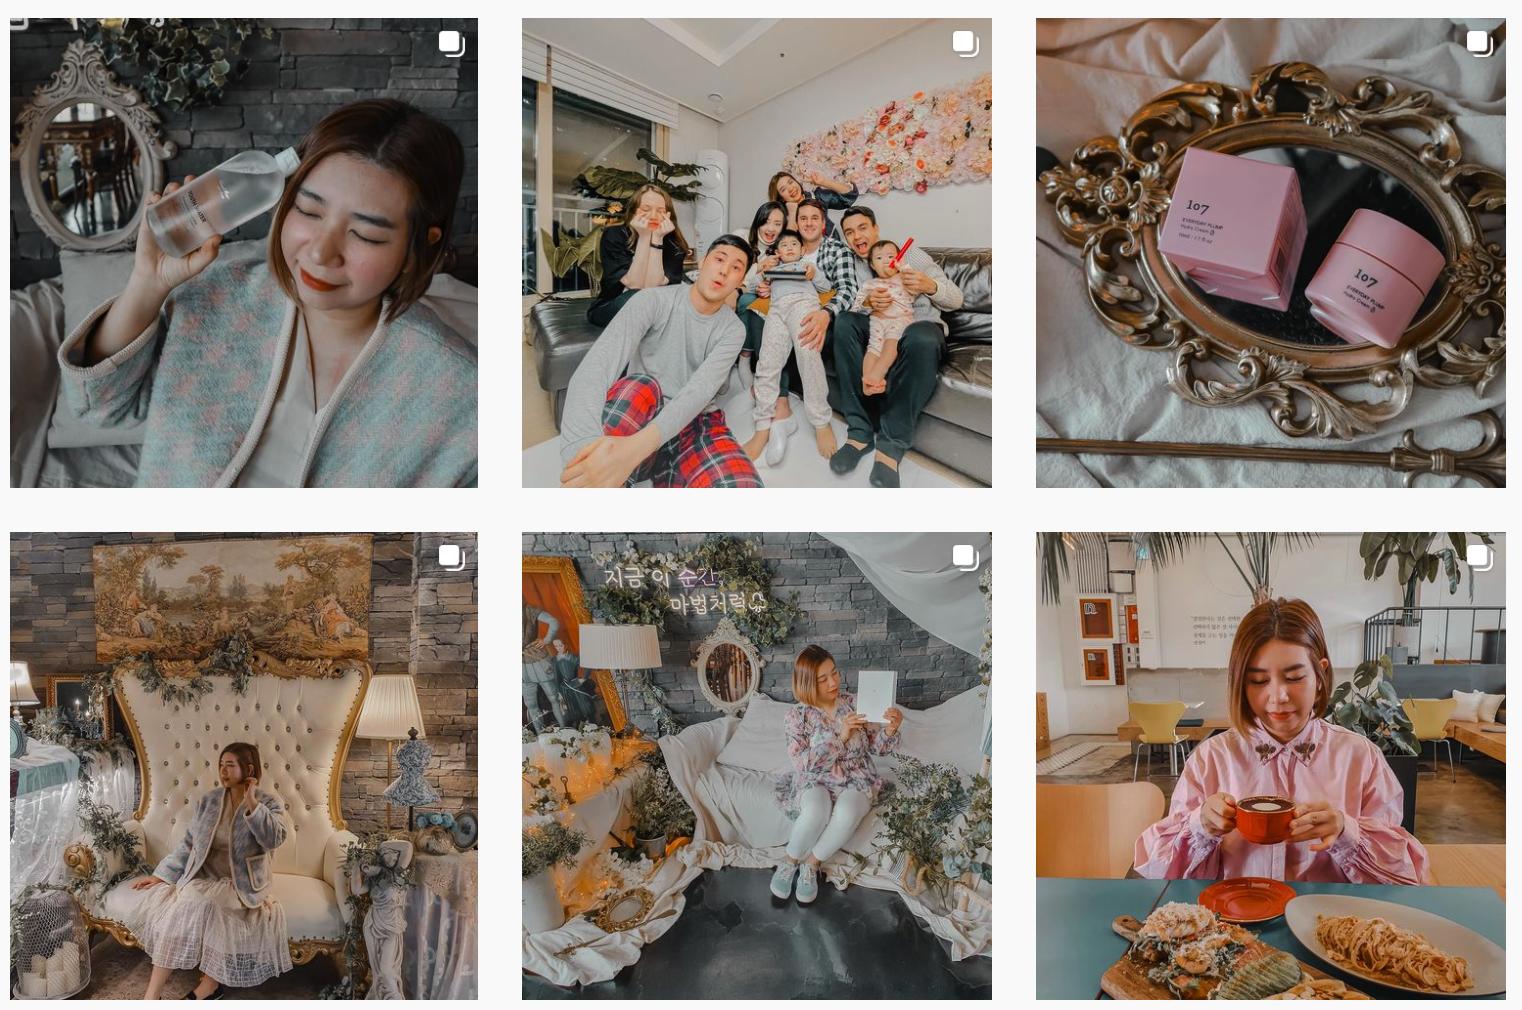 Micah Angela Kim | Instagram Image Gallery